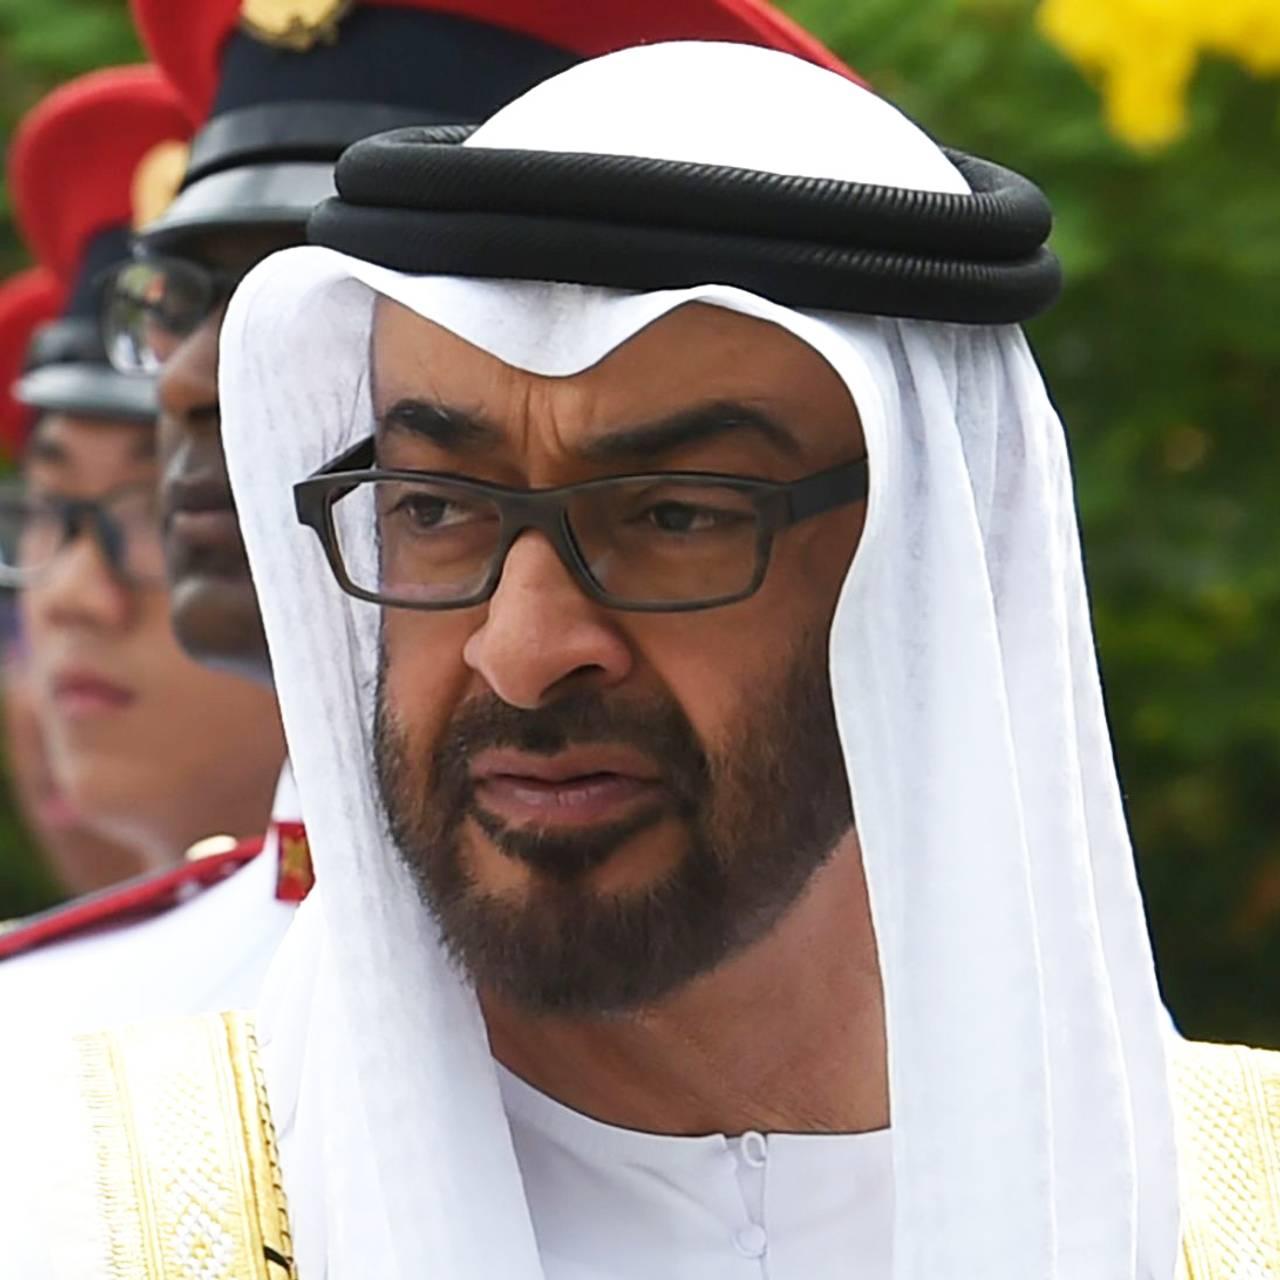 Bilde av De forente arabiske emirater: Mohammed bin Zayed